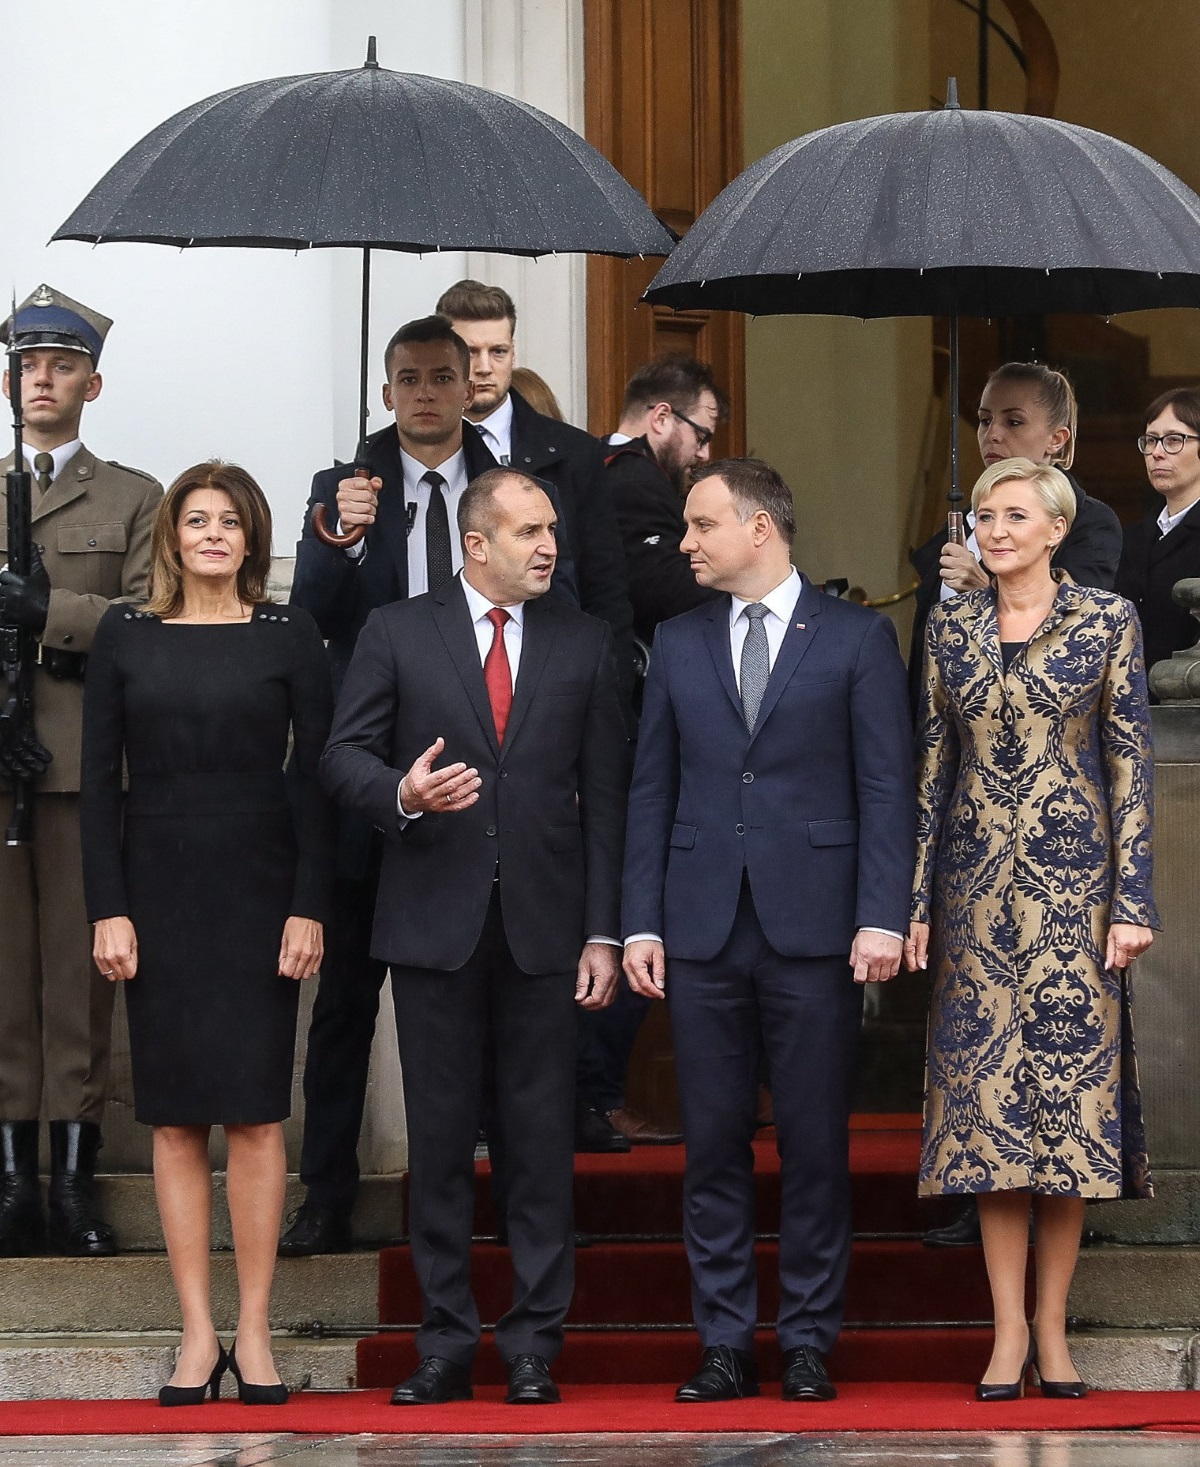 Десислава Радева придружи президента Румен Радев на официалното му посещение в Полша. Двамата се срещнаха с полския президент Анджей Дуда и съпругата му Агата Корнхаузер-Дуда. Деси Радева отново бе избрала елегантна черна рокля. На този цвят бе заложила и първата дама на Полша, която обаче бе допълнила тоалета си с дълго палто.